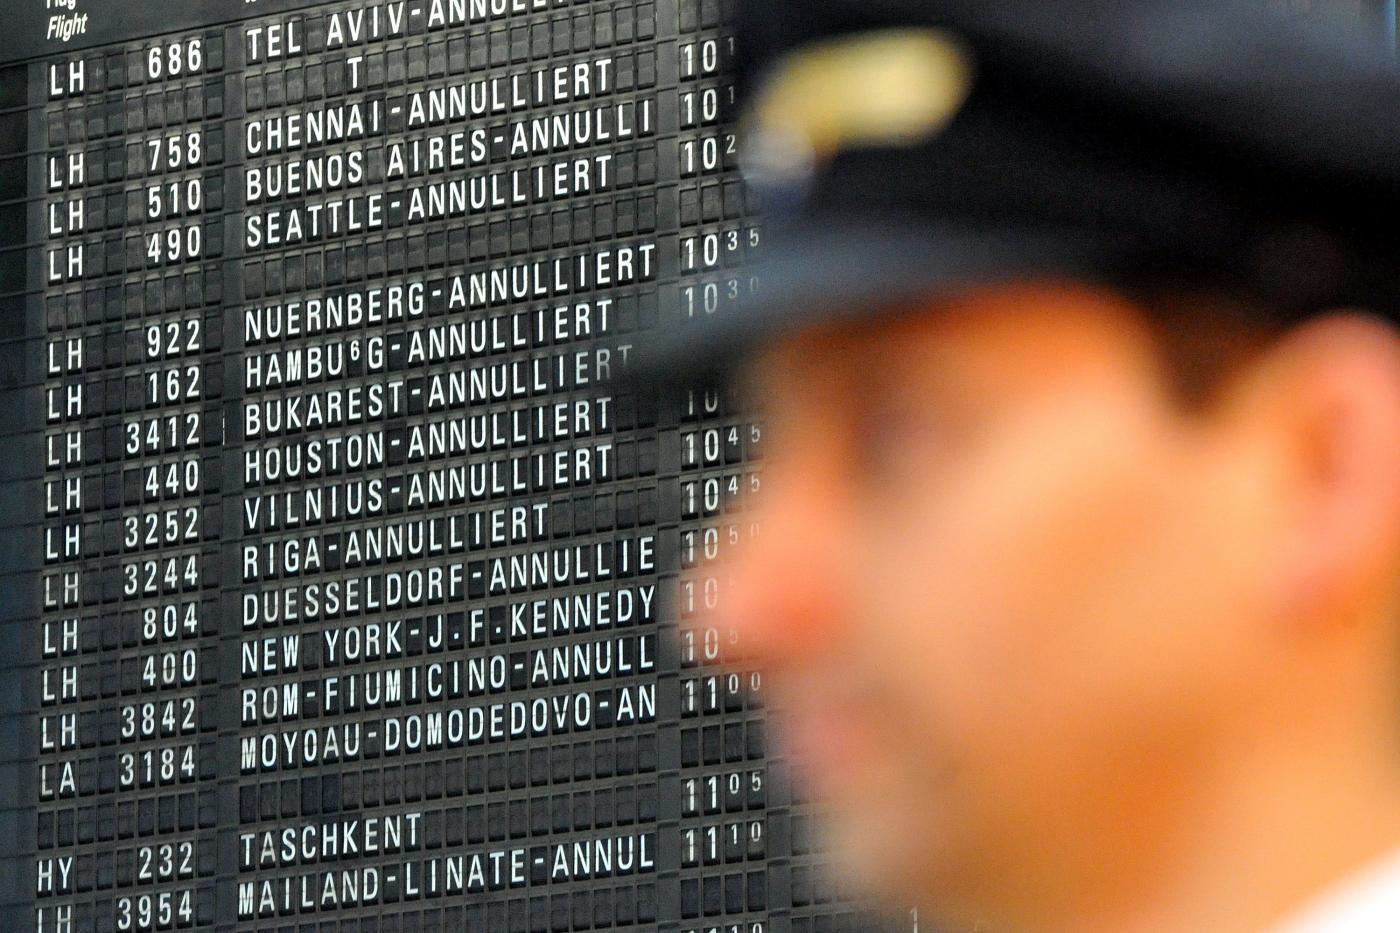 Sciopero aerei lunedì 15 giugno, esclusi i Comuni al ballottaggio